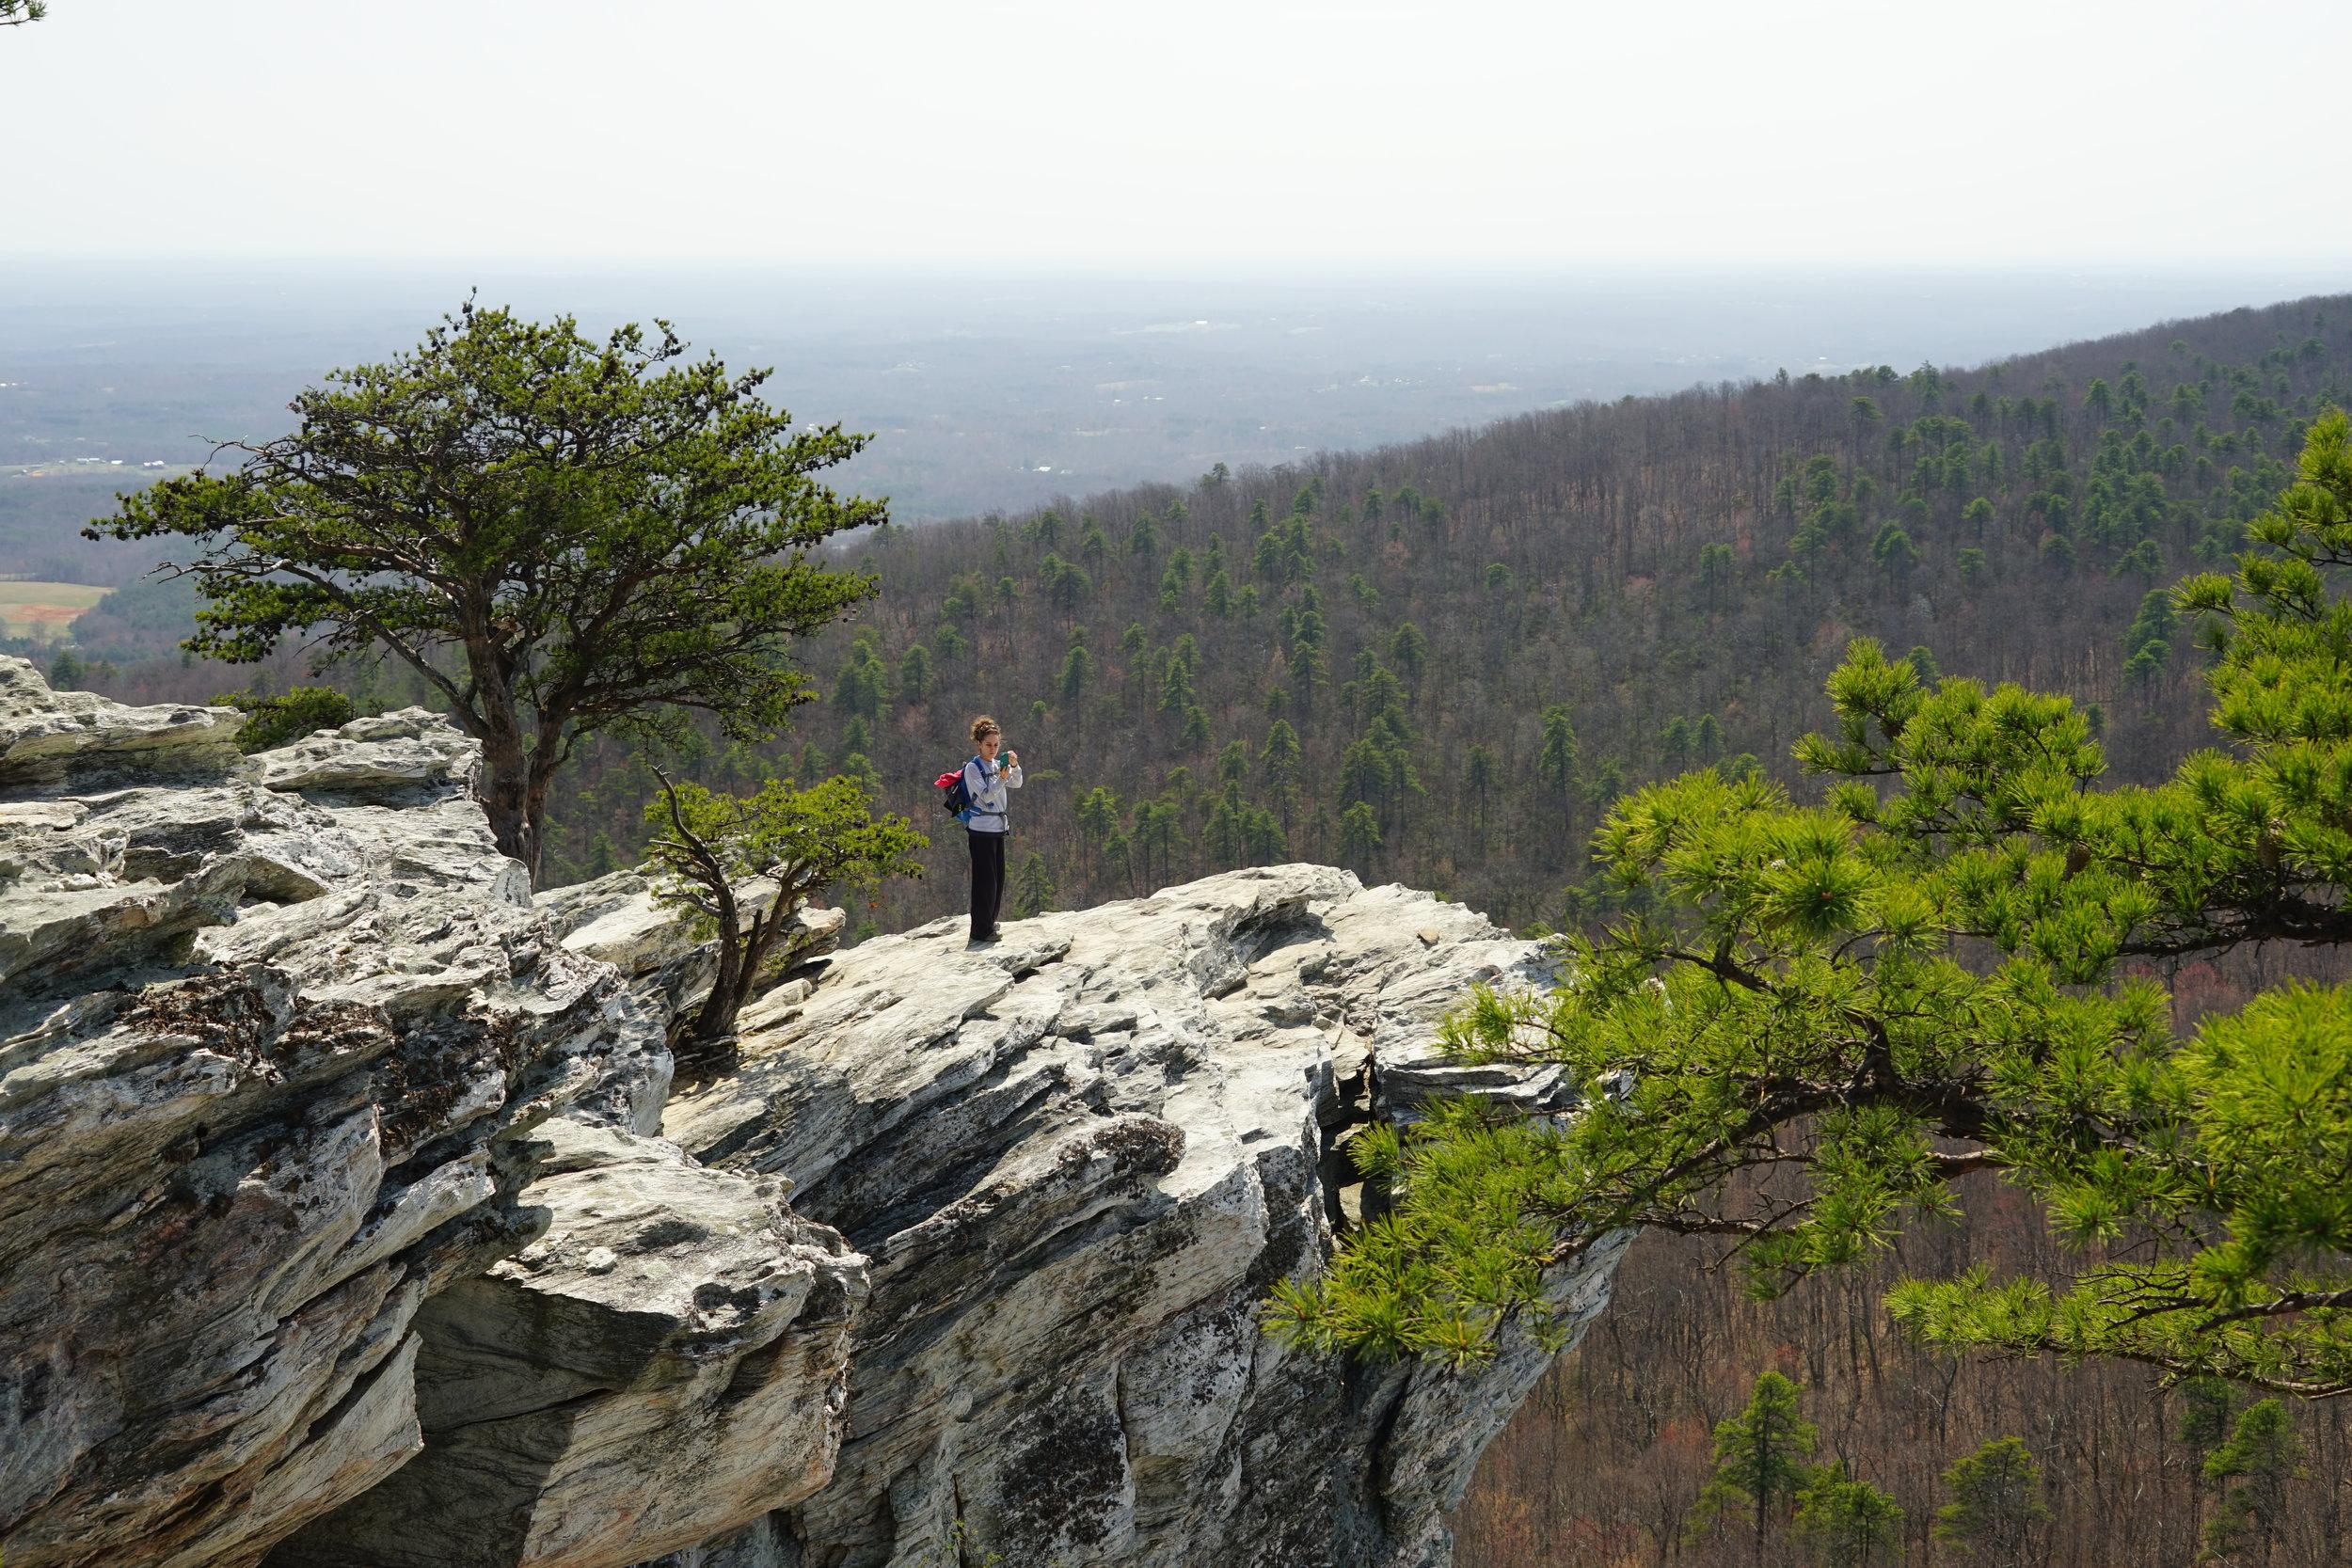 Hiking at Hanging Rock State Park